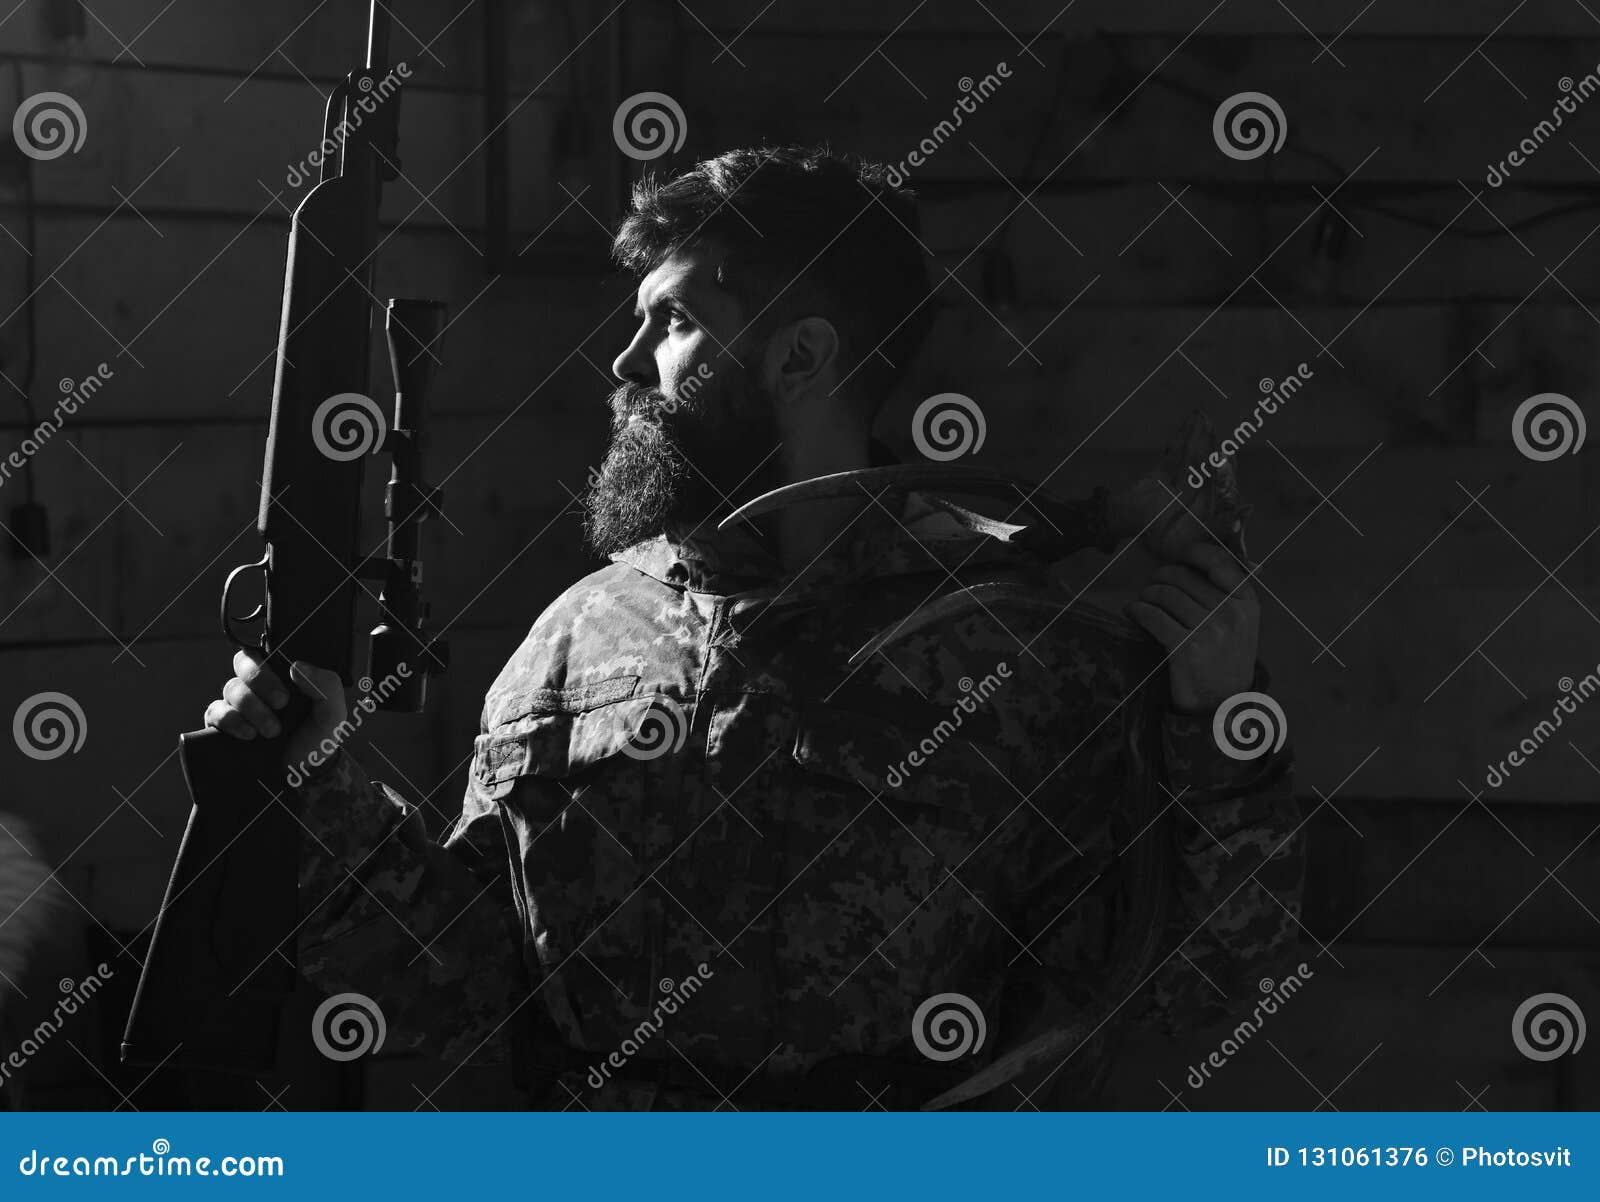 Concepto del cazador El retrato del cazador moderno barbudo con su trofeo sostiene el rifle El hombre con la barba lleva la ropa